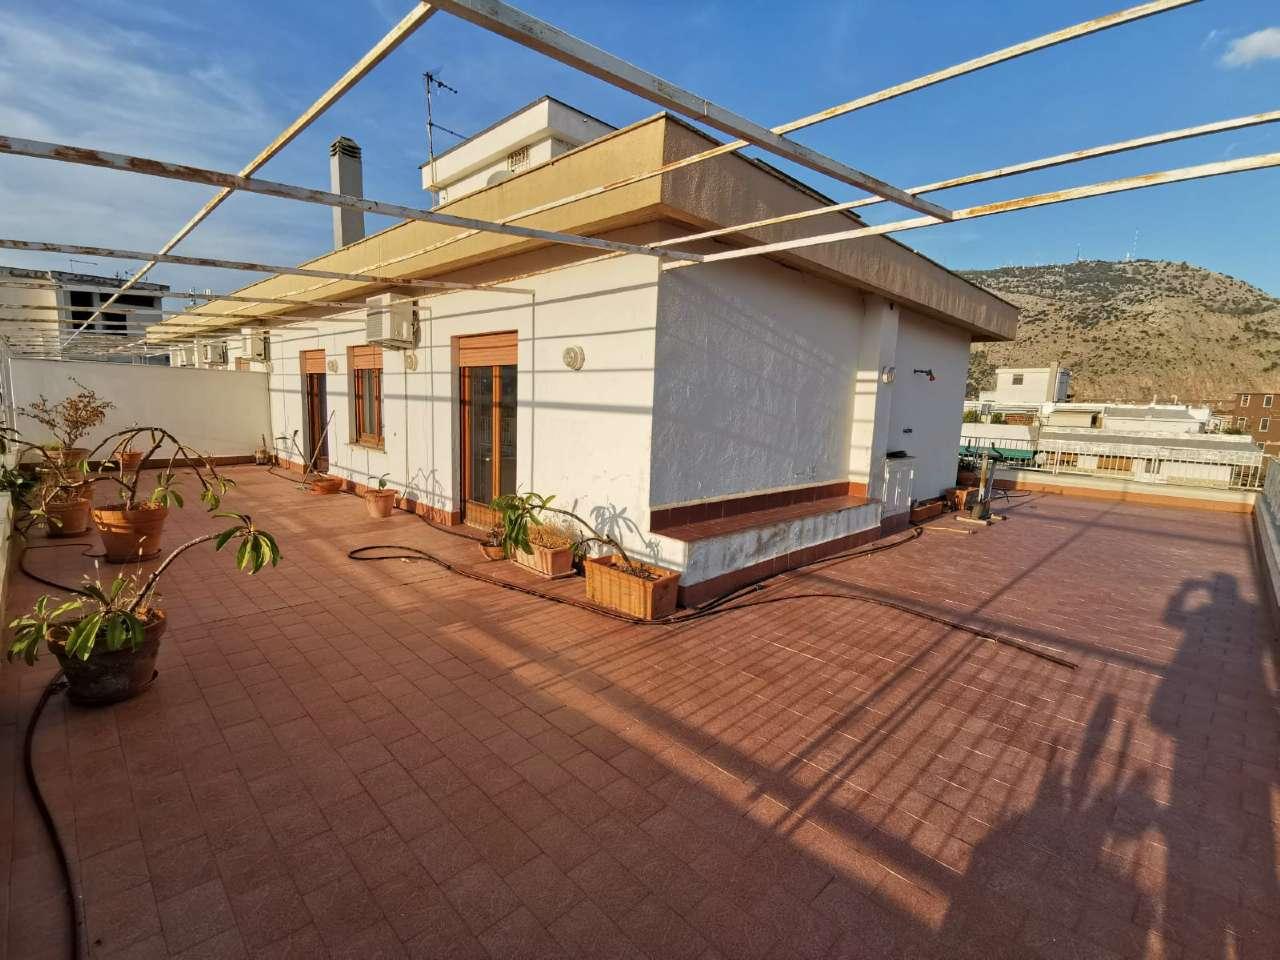 Attico in Vendita a Palermo: 3 locali, 70 mq